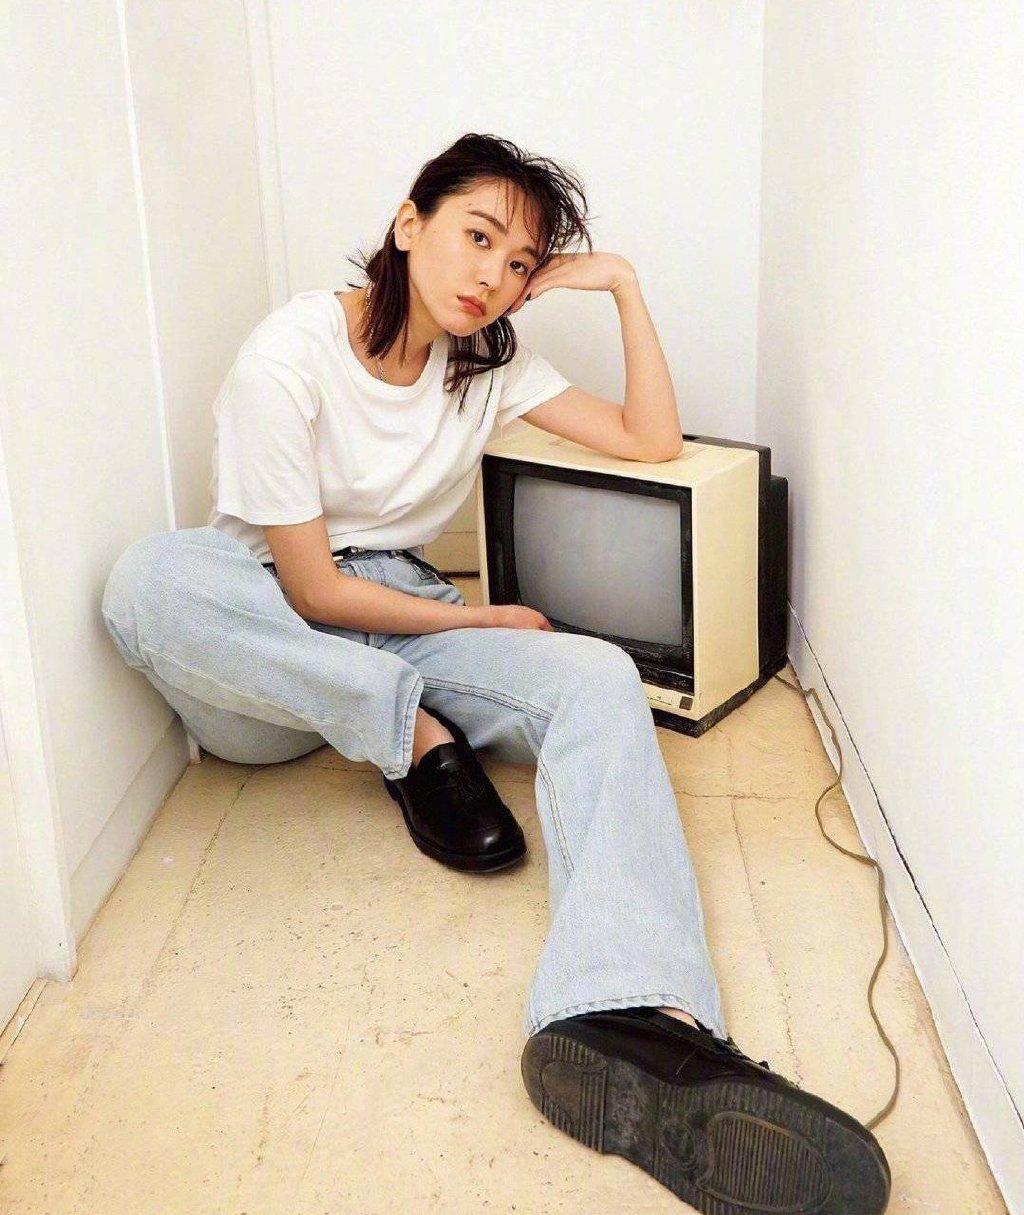 日本美女百变酷美杂志写真图片